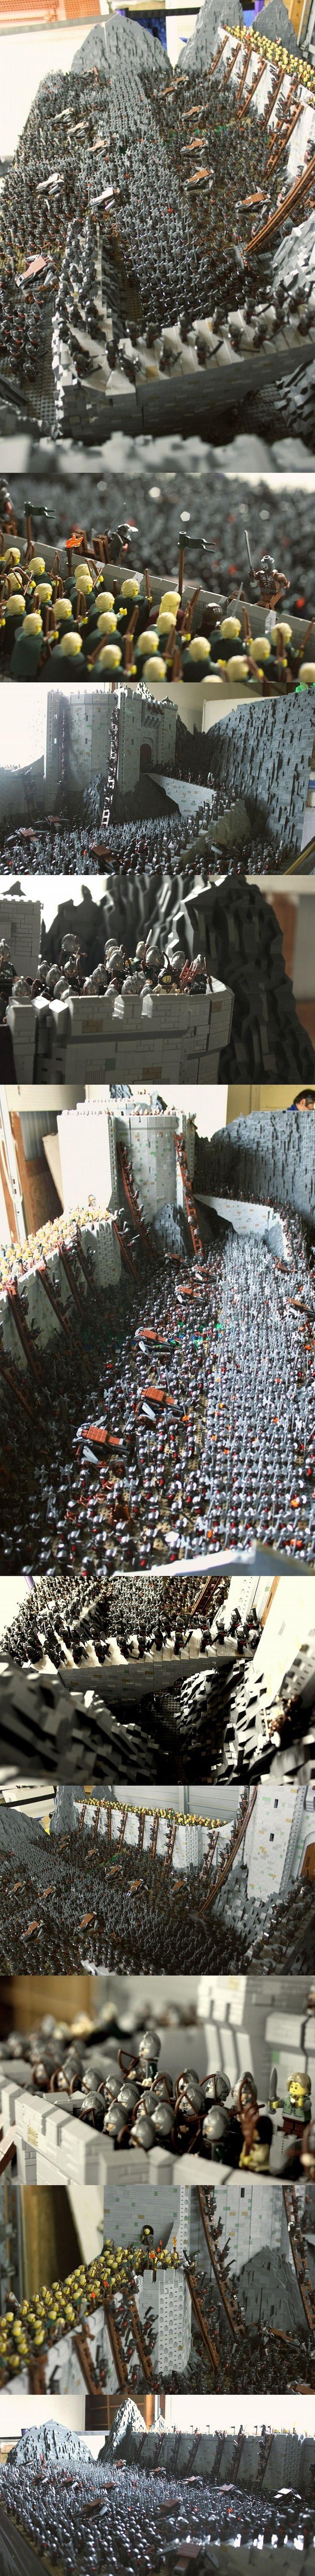 El Señor de los Anillos las profundidades de Helms. Se utilizaron cerca de150 000 bricks y 1700 minifiguras. Pesa cerca de 160 lbs y es del tamaño de una mesa de ping-pong  #LEGO #LOTR